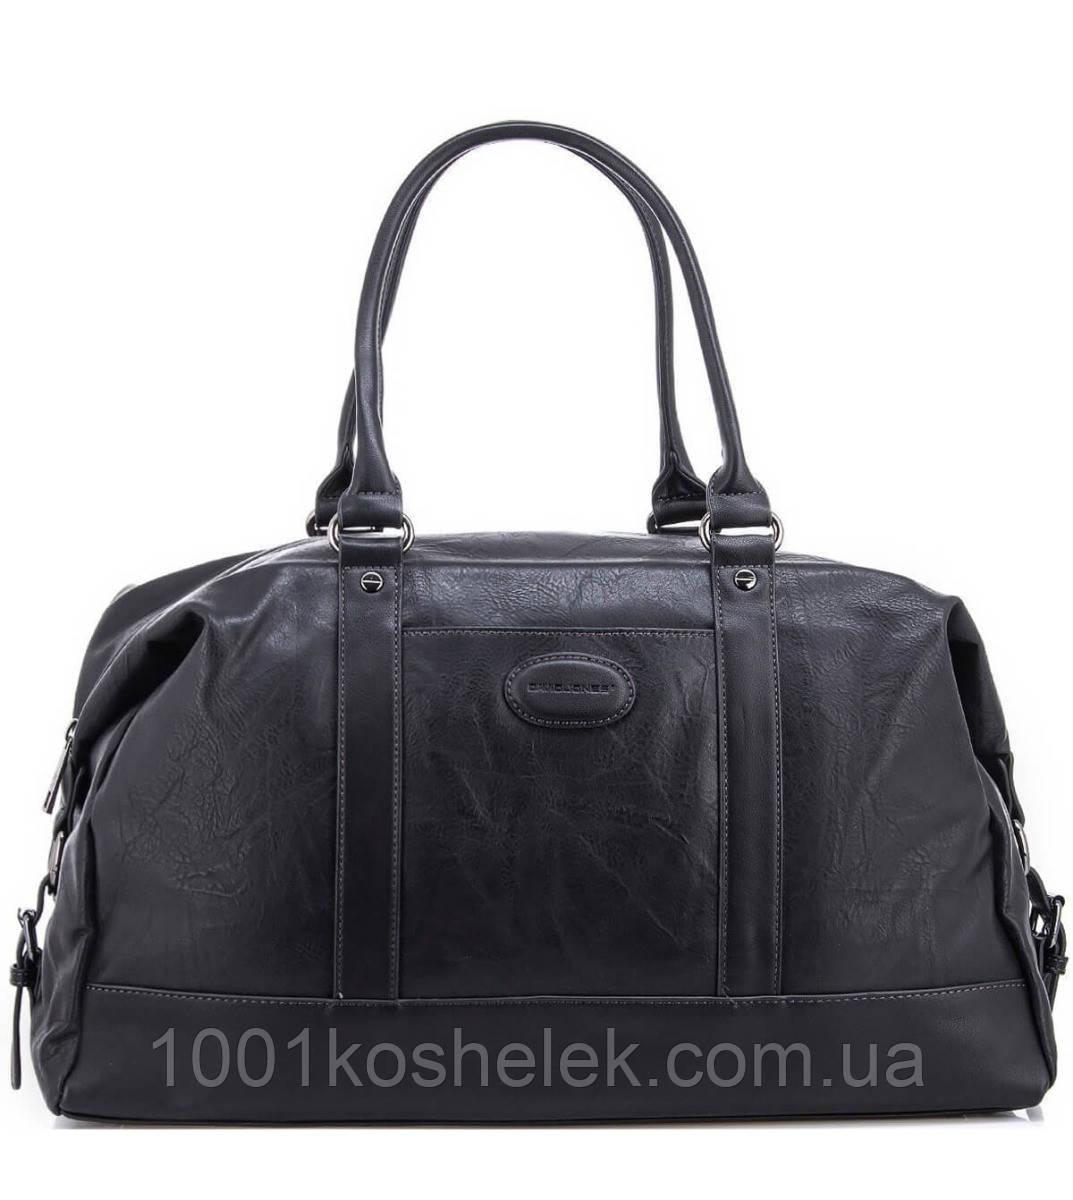 Дорожная сумка David Jones CM3258 (Черный)